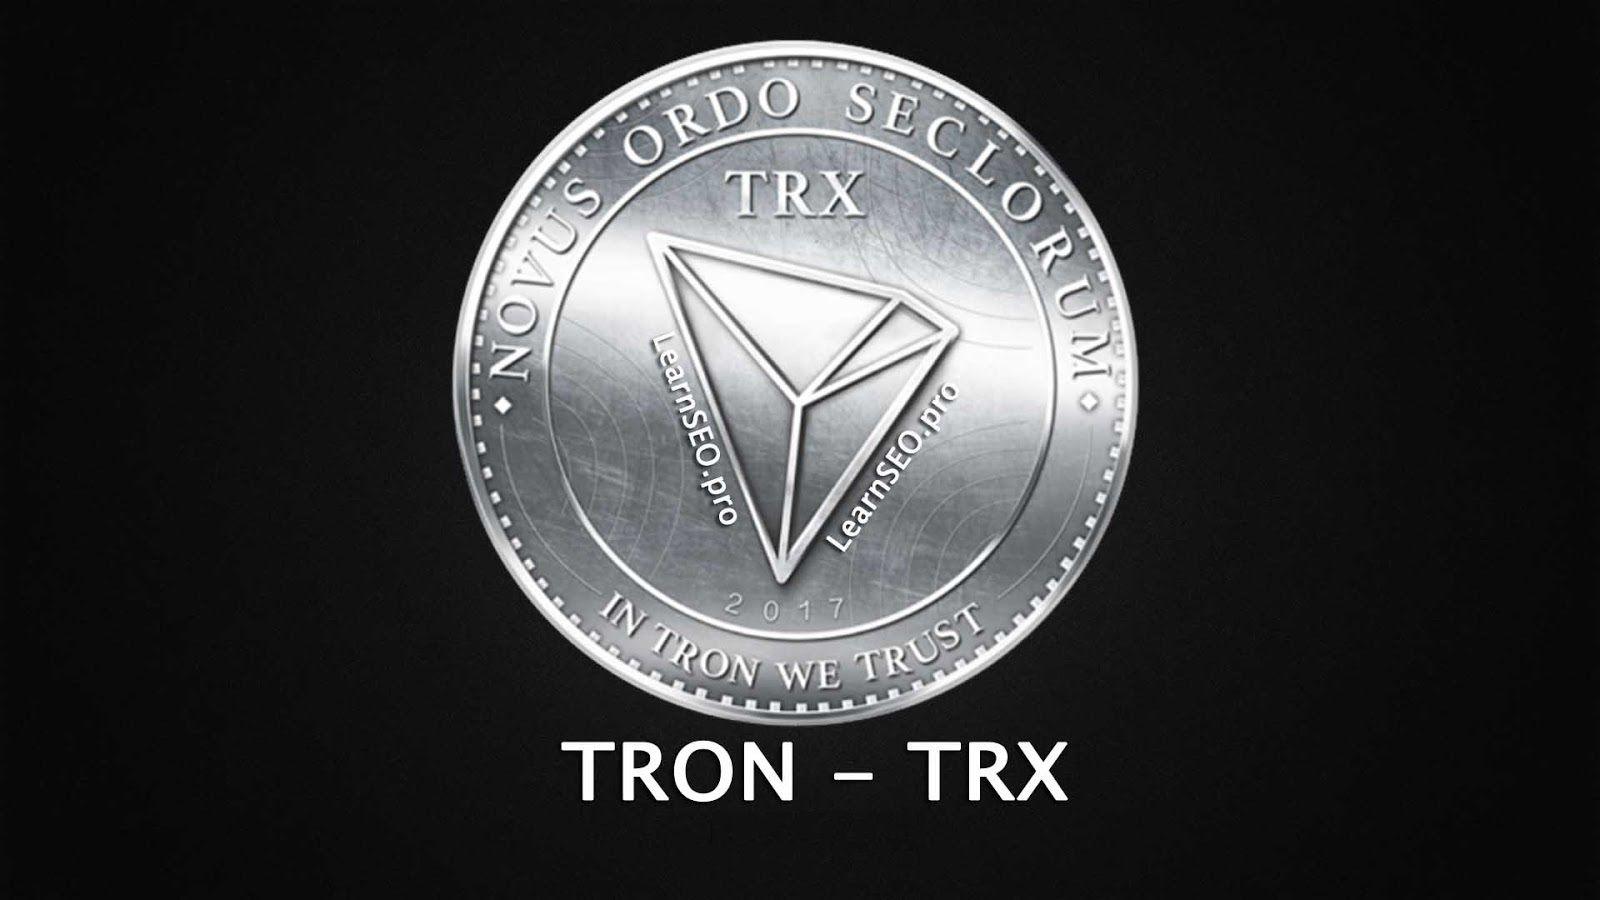 tron-trx-coin.jpg